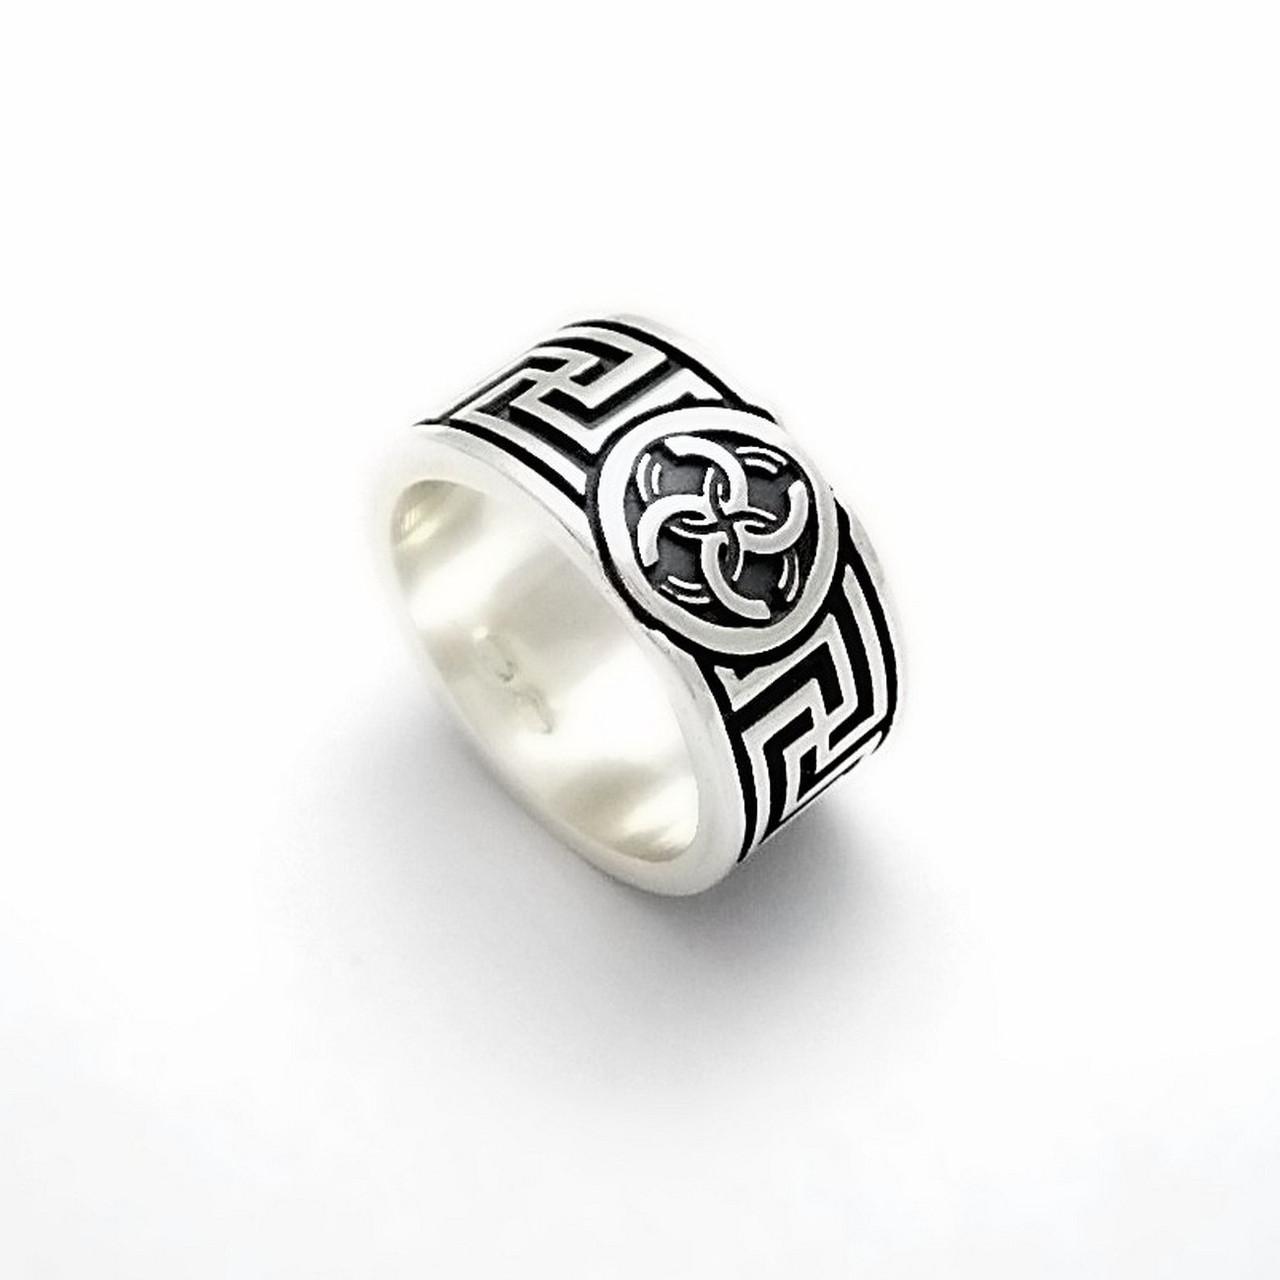 Свадебник Рысич кольцо из серебра 925 пробы (ширина 11 мм)